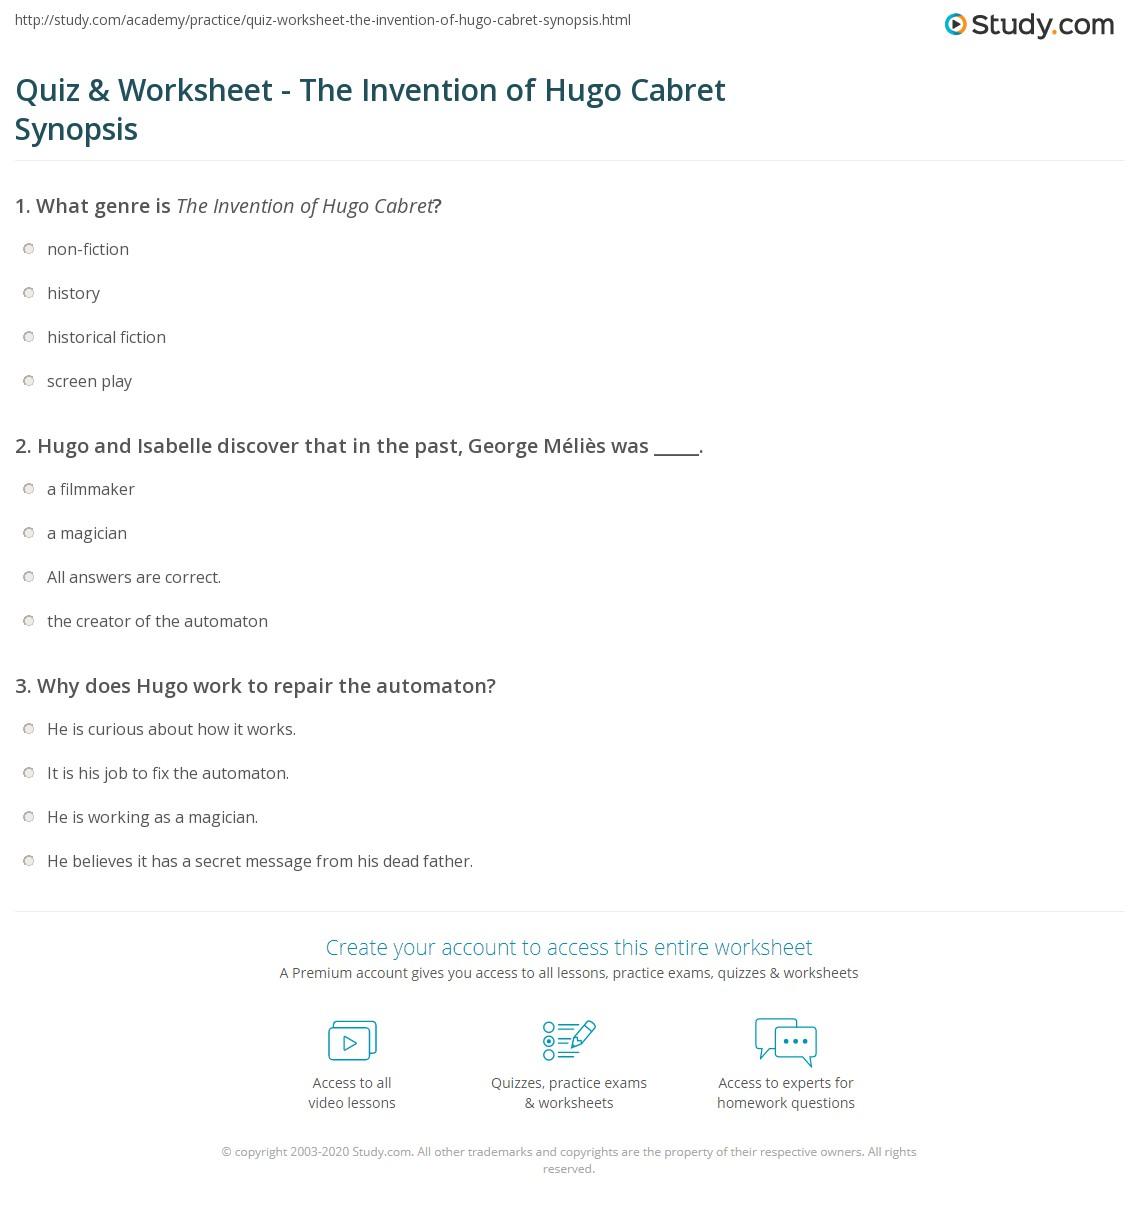 quiz worksheet the invention of hugo cabret synopsis. Black Bedroom Furniture Sets. Home Design Ideas